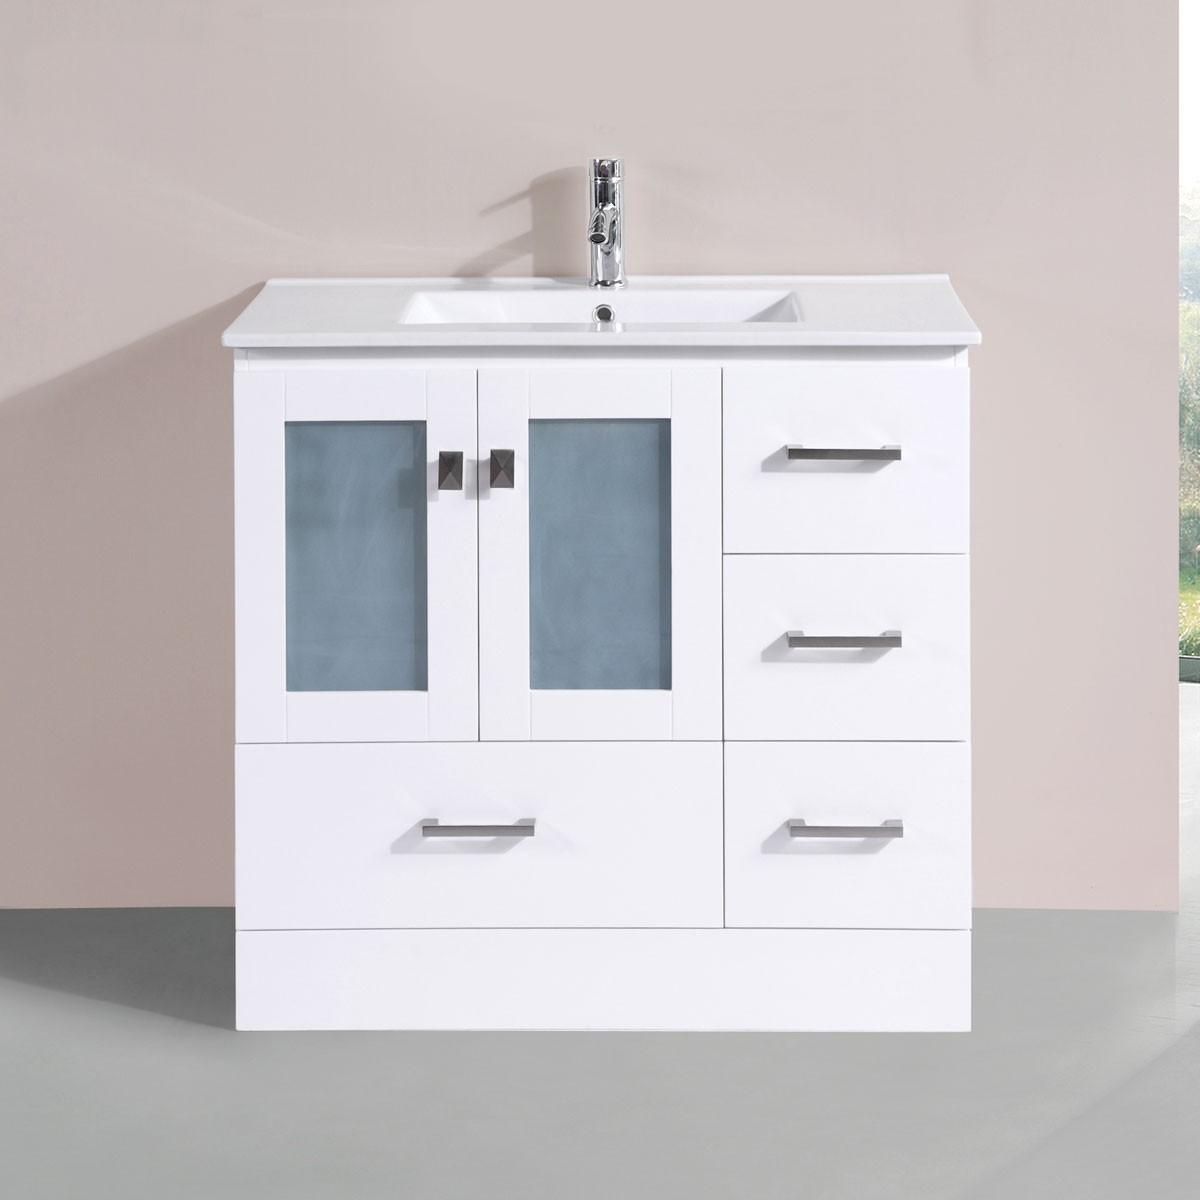 36 po Vanité en contreplaqué avec lavabo (DK-T9312-36WV)